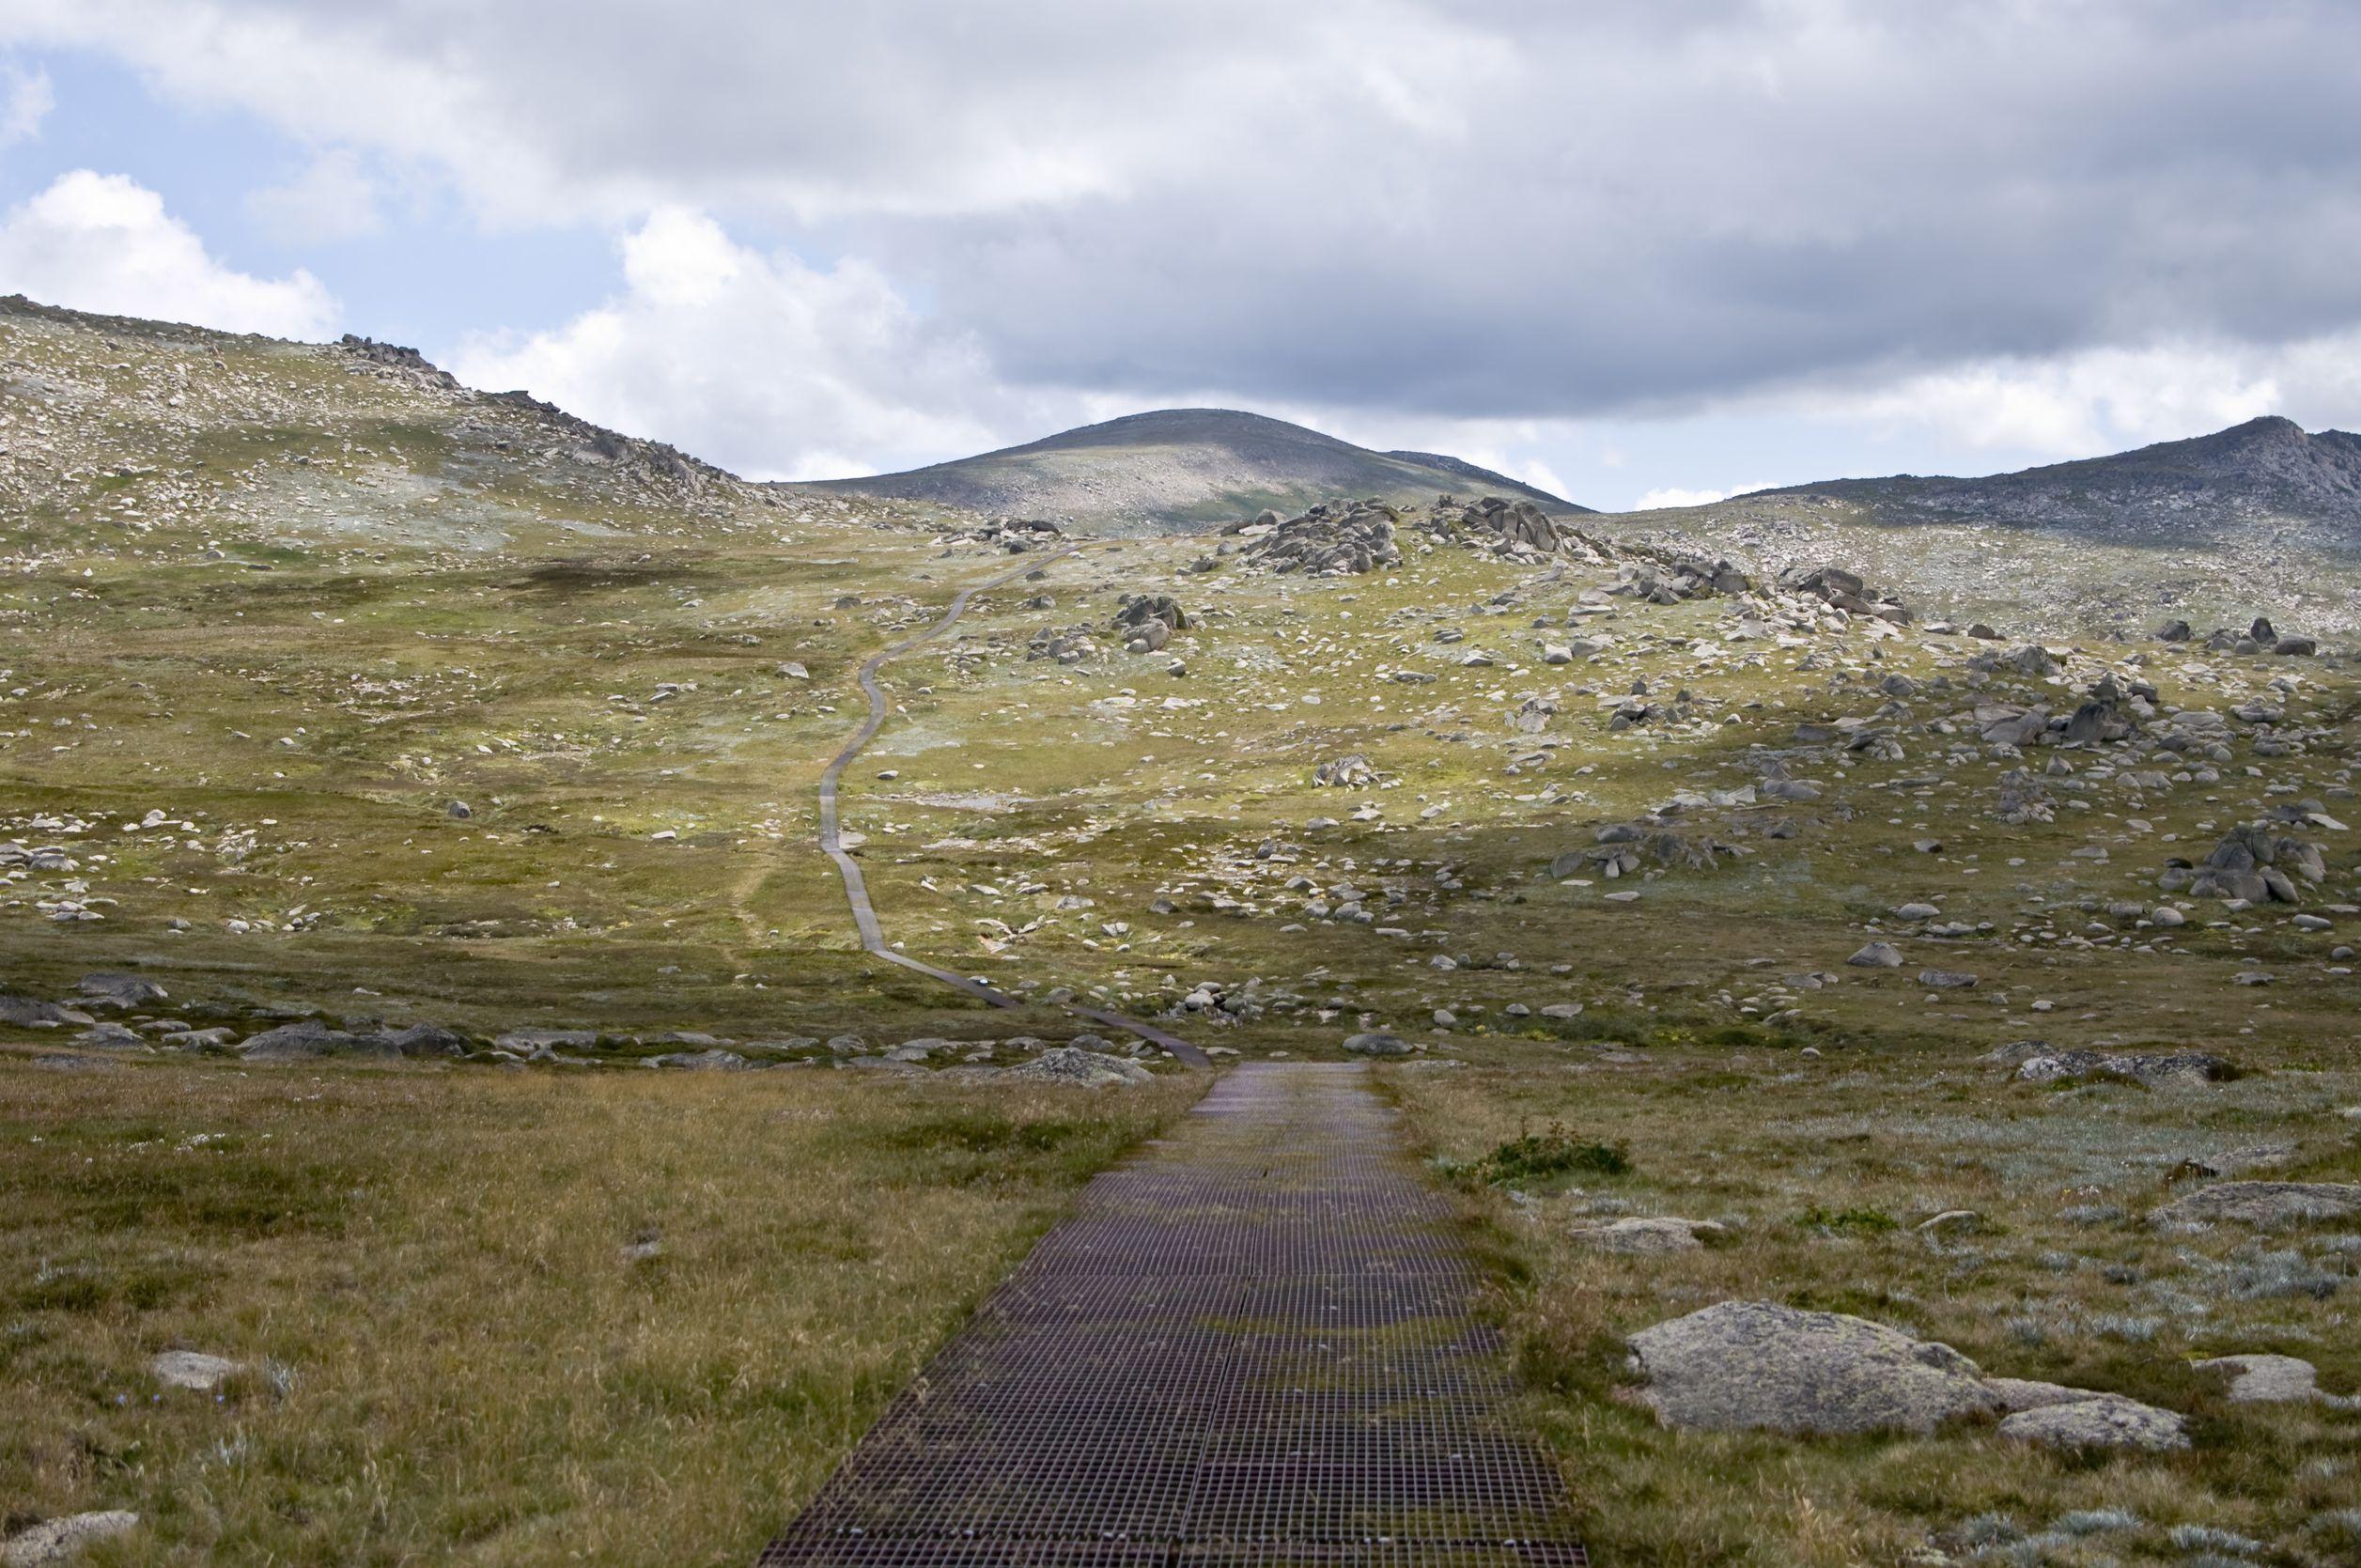 australia mountain road 123rf